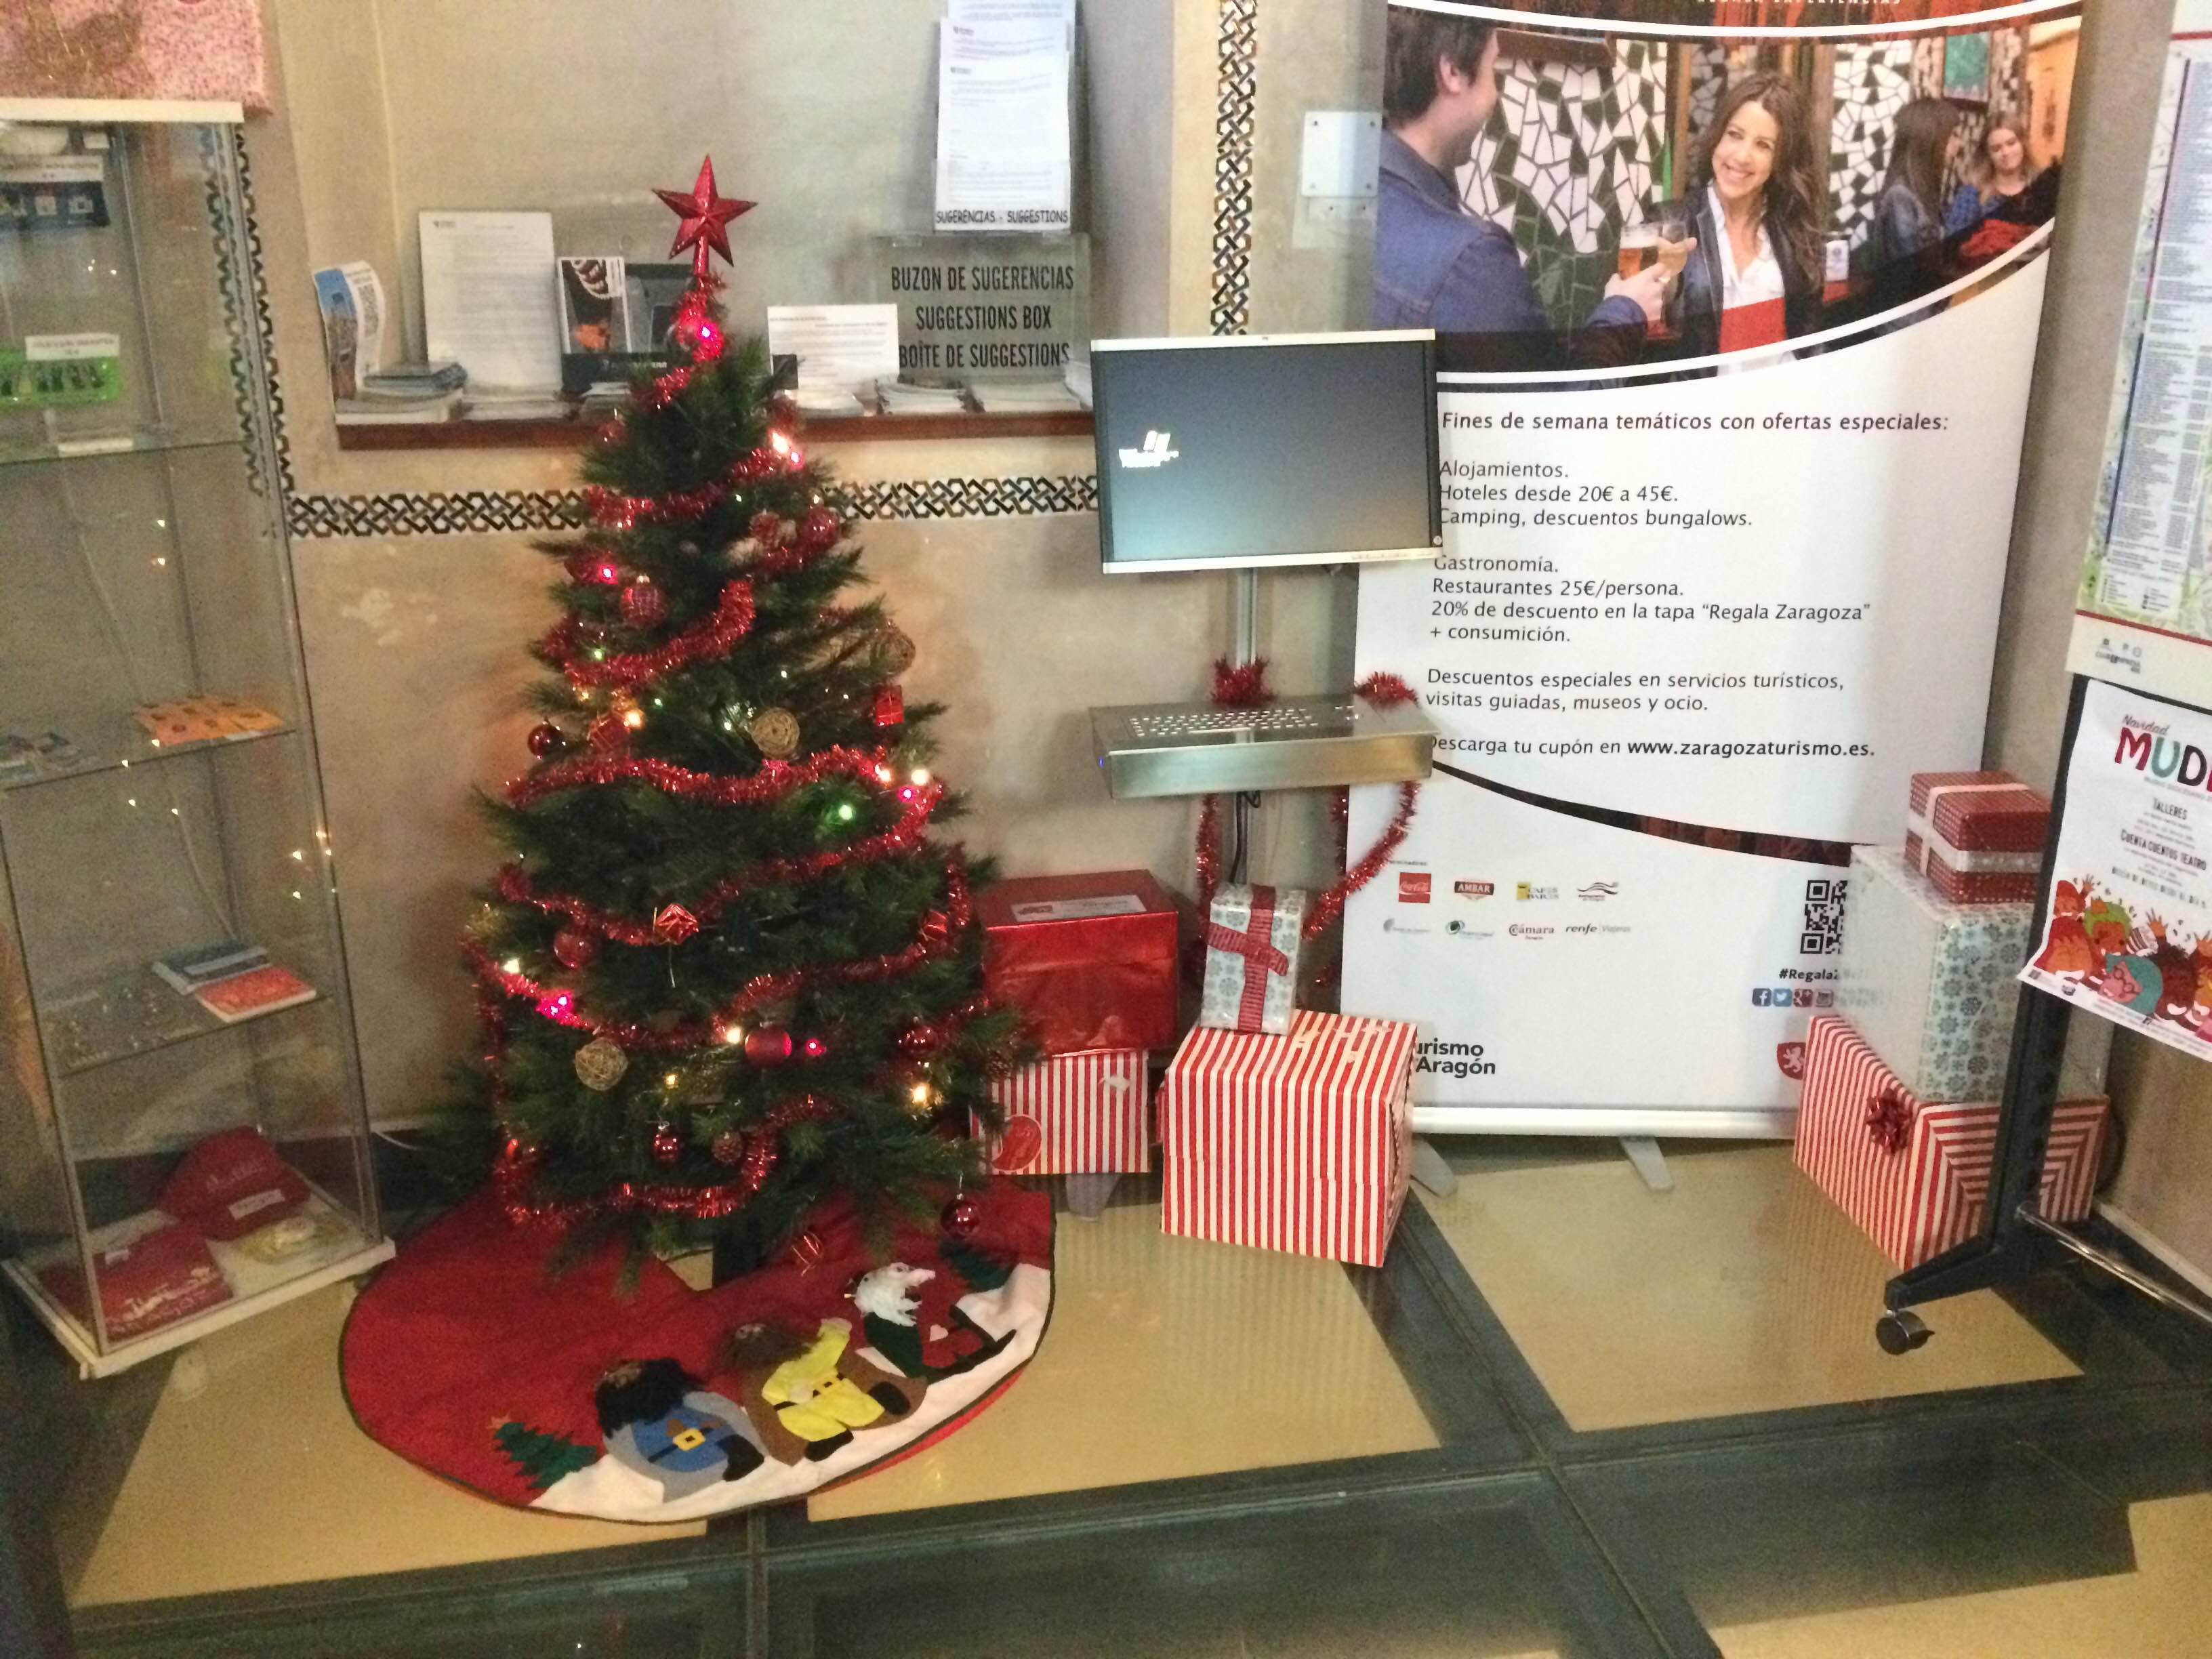 El rbol de navidad el protagonista de la decoraci n for Decoracion navidena para oficinas